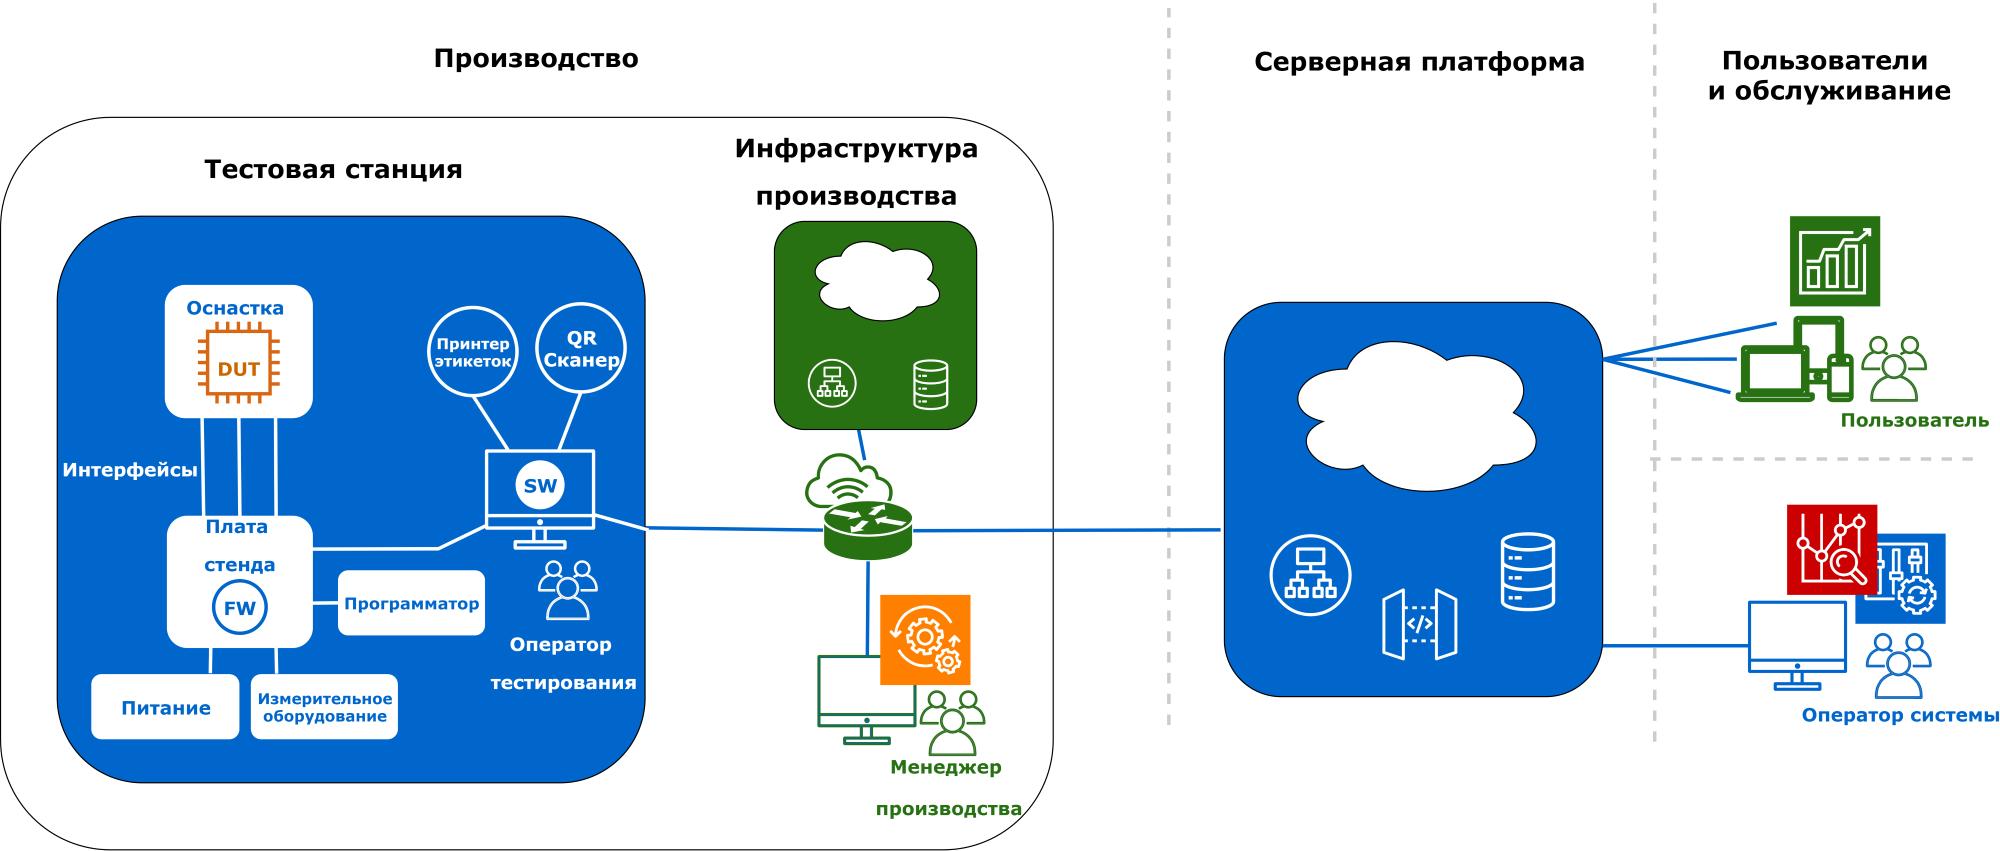 Серийное производство электроники в России. Автоматизация тестирования - 2